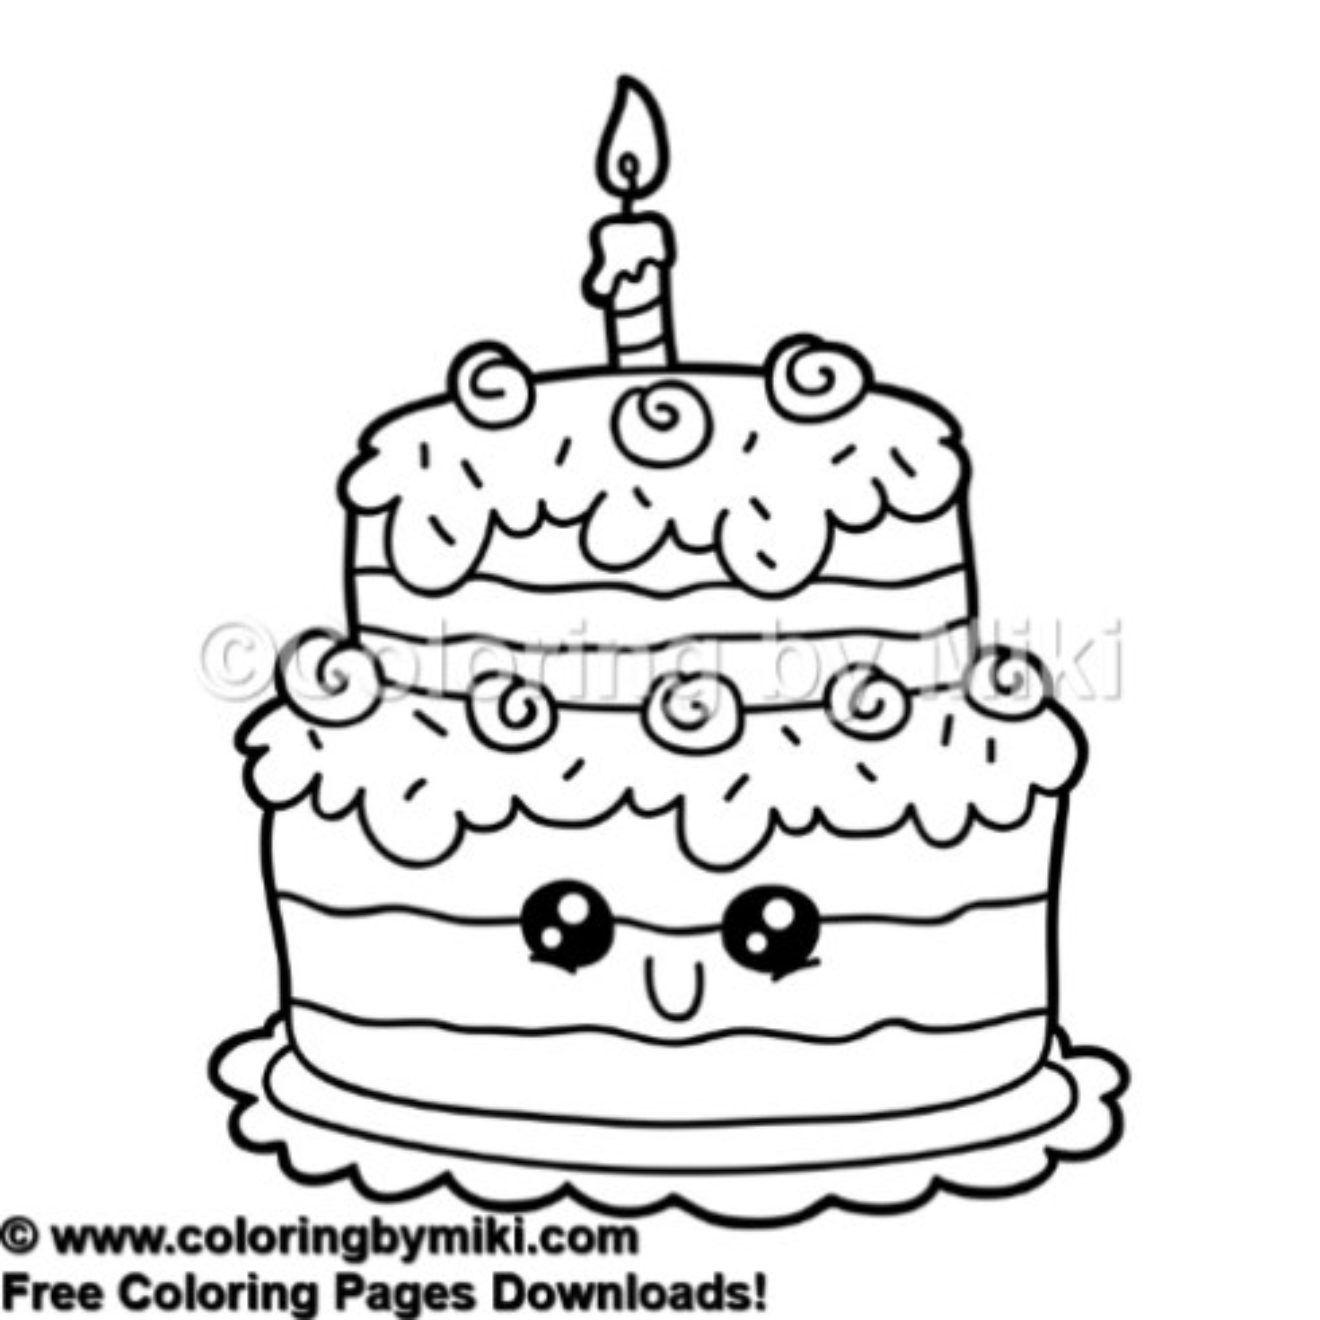 Milkshake Coloring Page Jpg 1019 1319 Coloring Pages